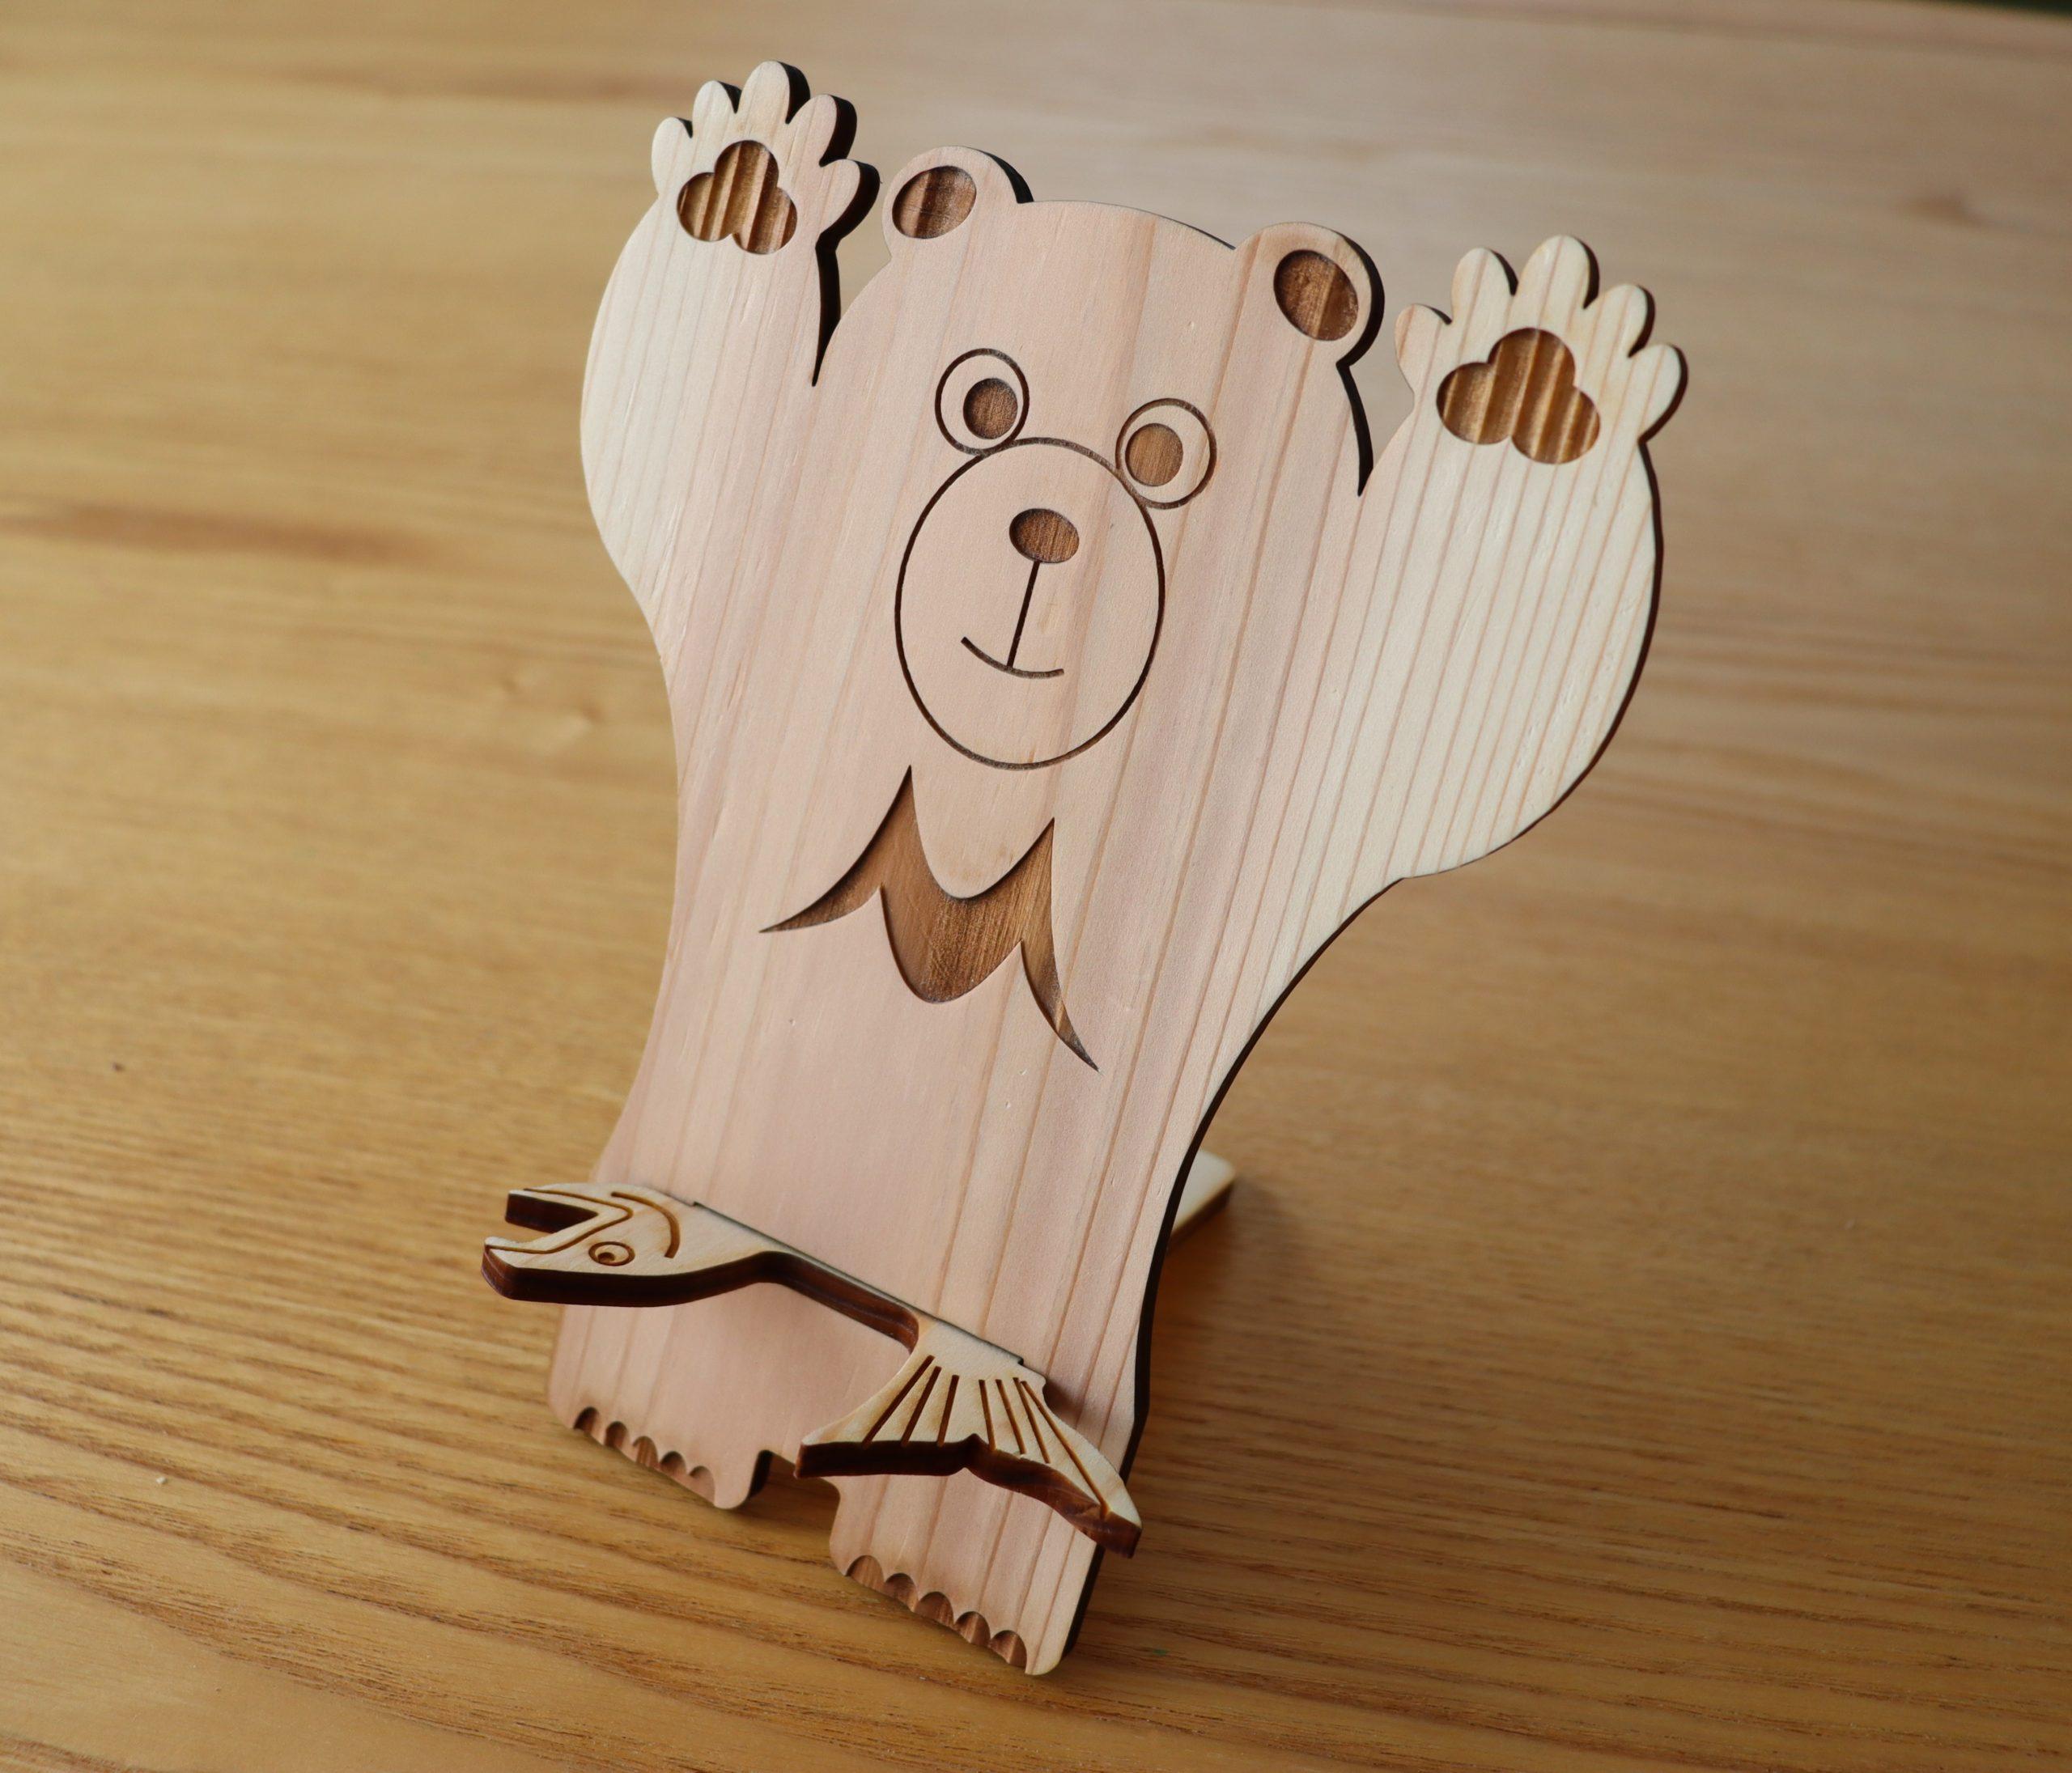 お土産に最適な木頭杉のスマホスタンド 熊と魚のKUMA×Fish